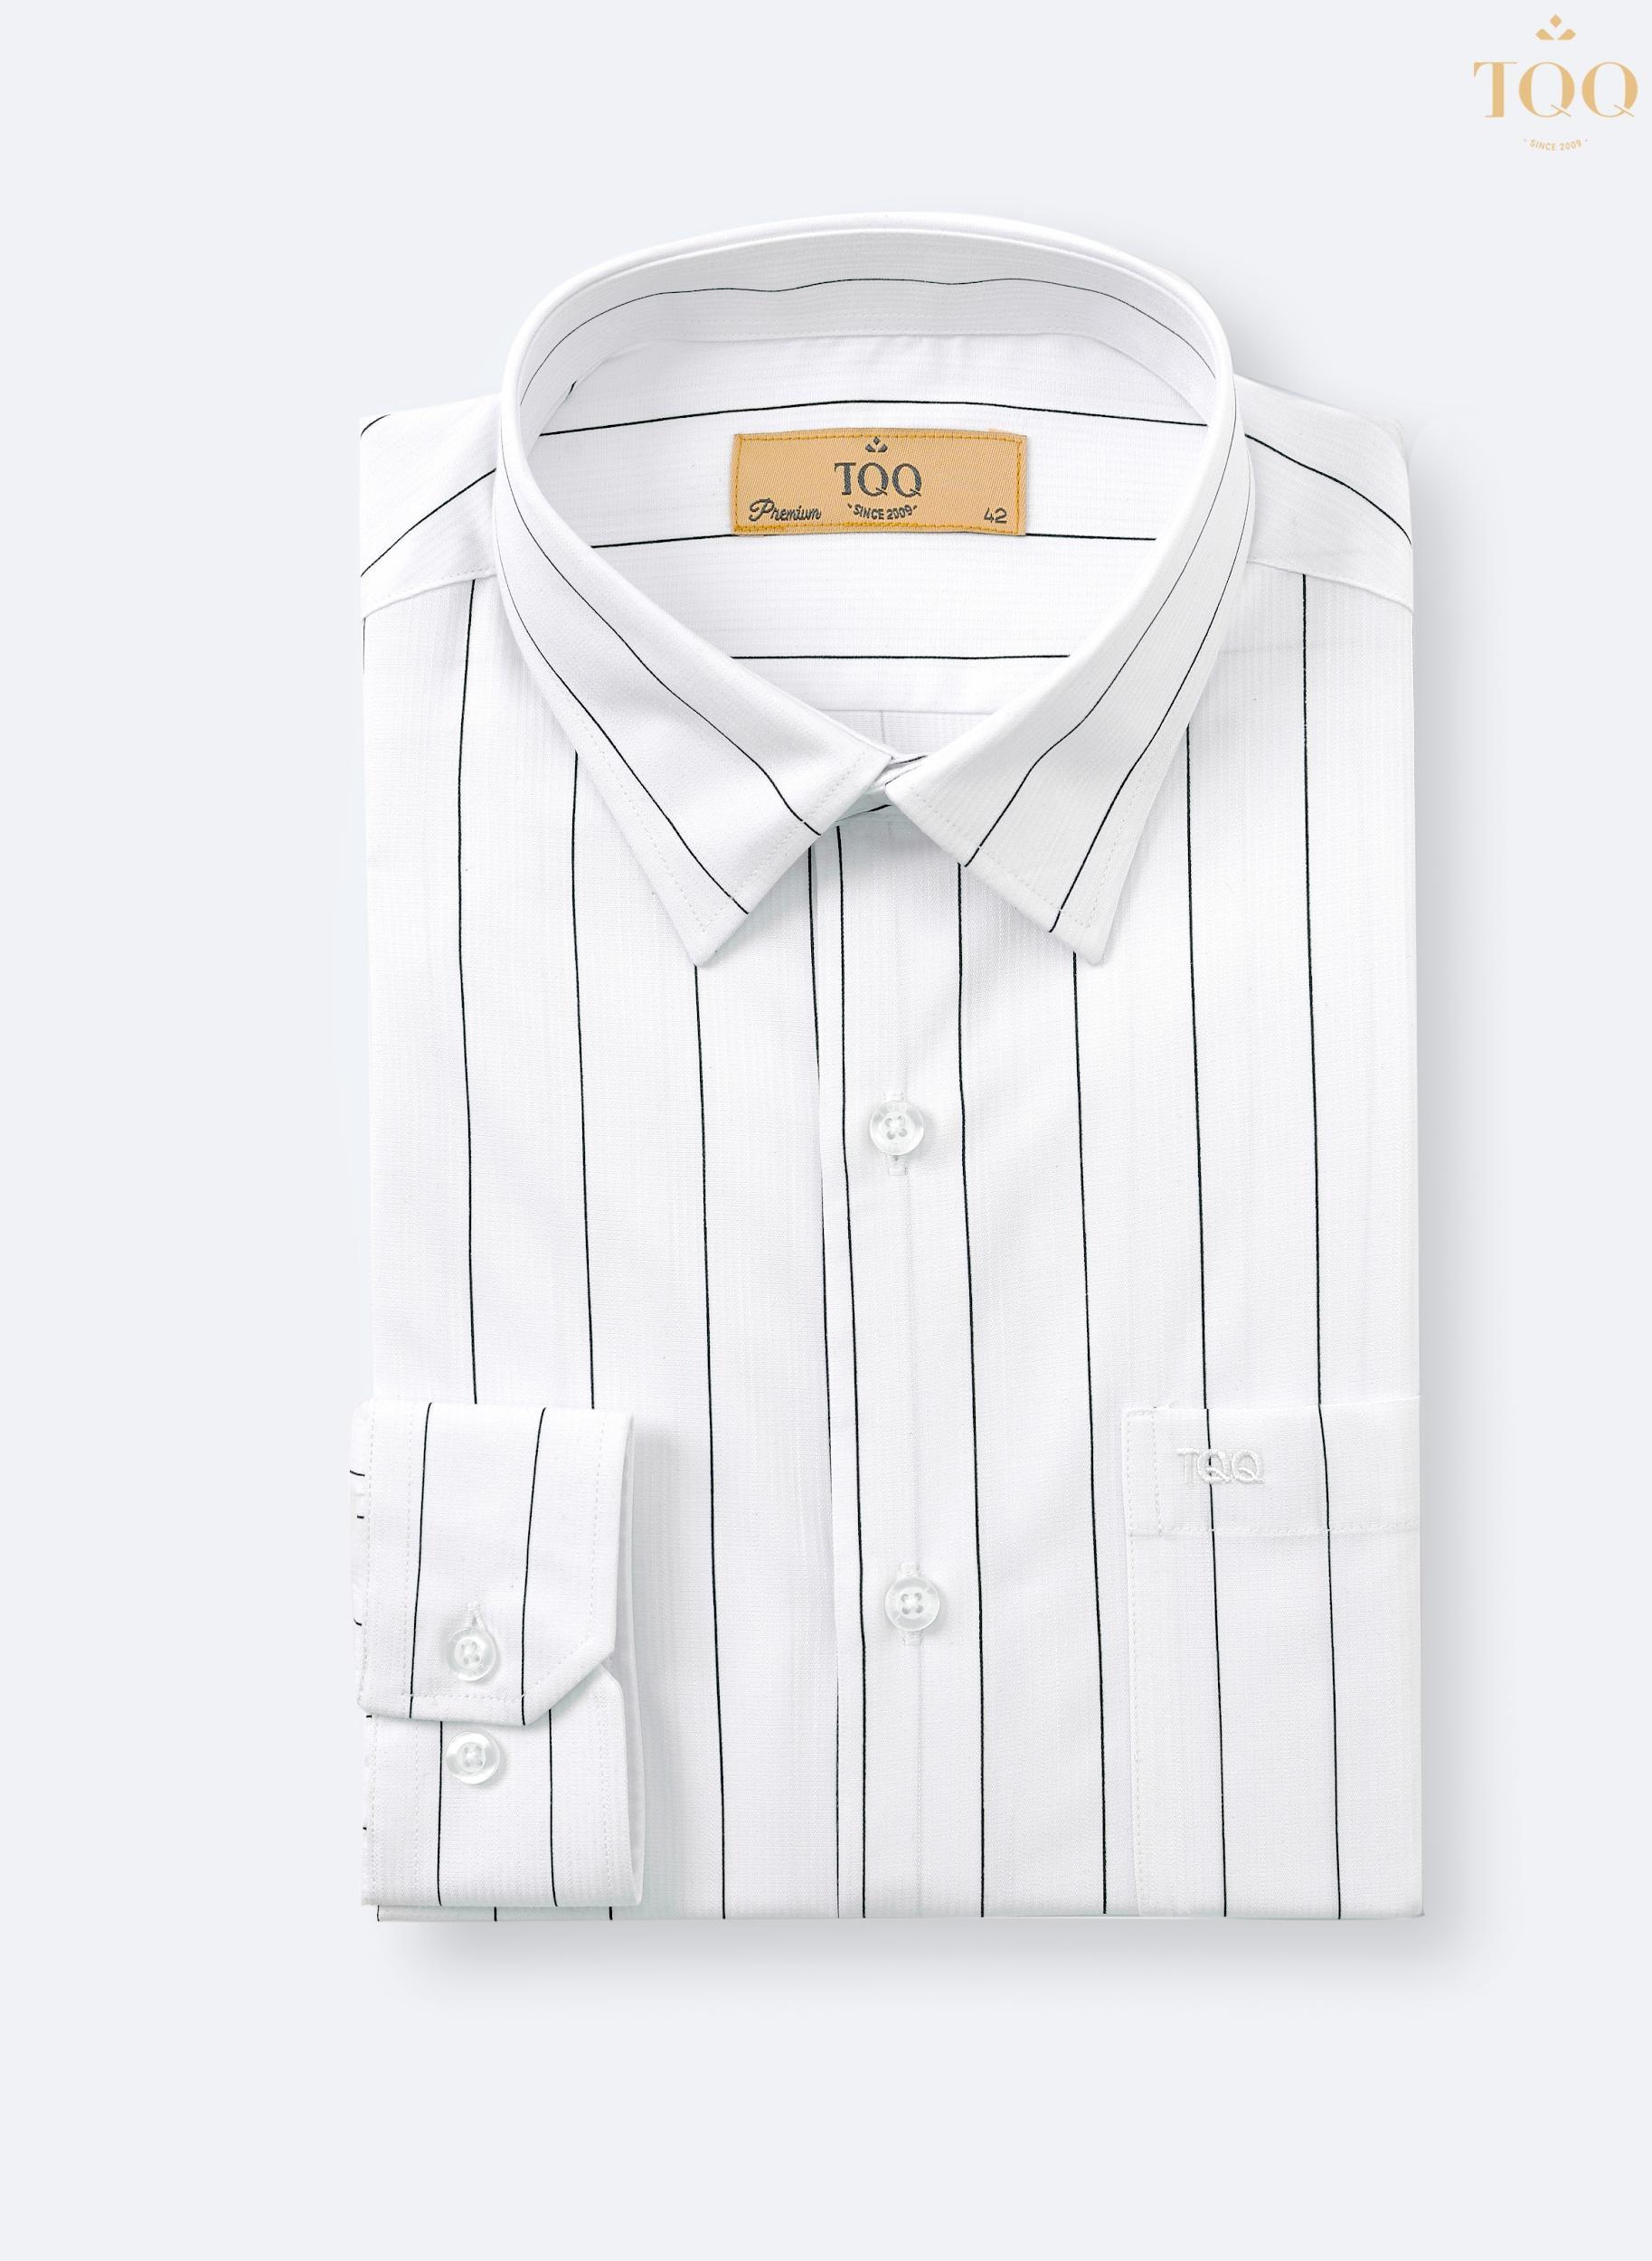 Tùy theo vóc dáng để chọn đúng mẫu áo sơ mi trắng họa tiết cho nam giới